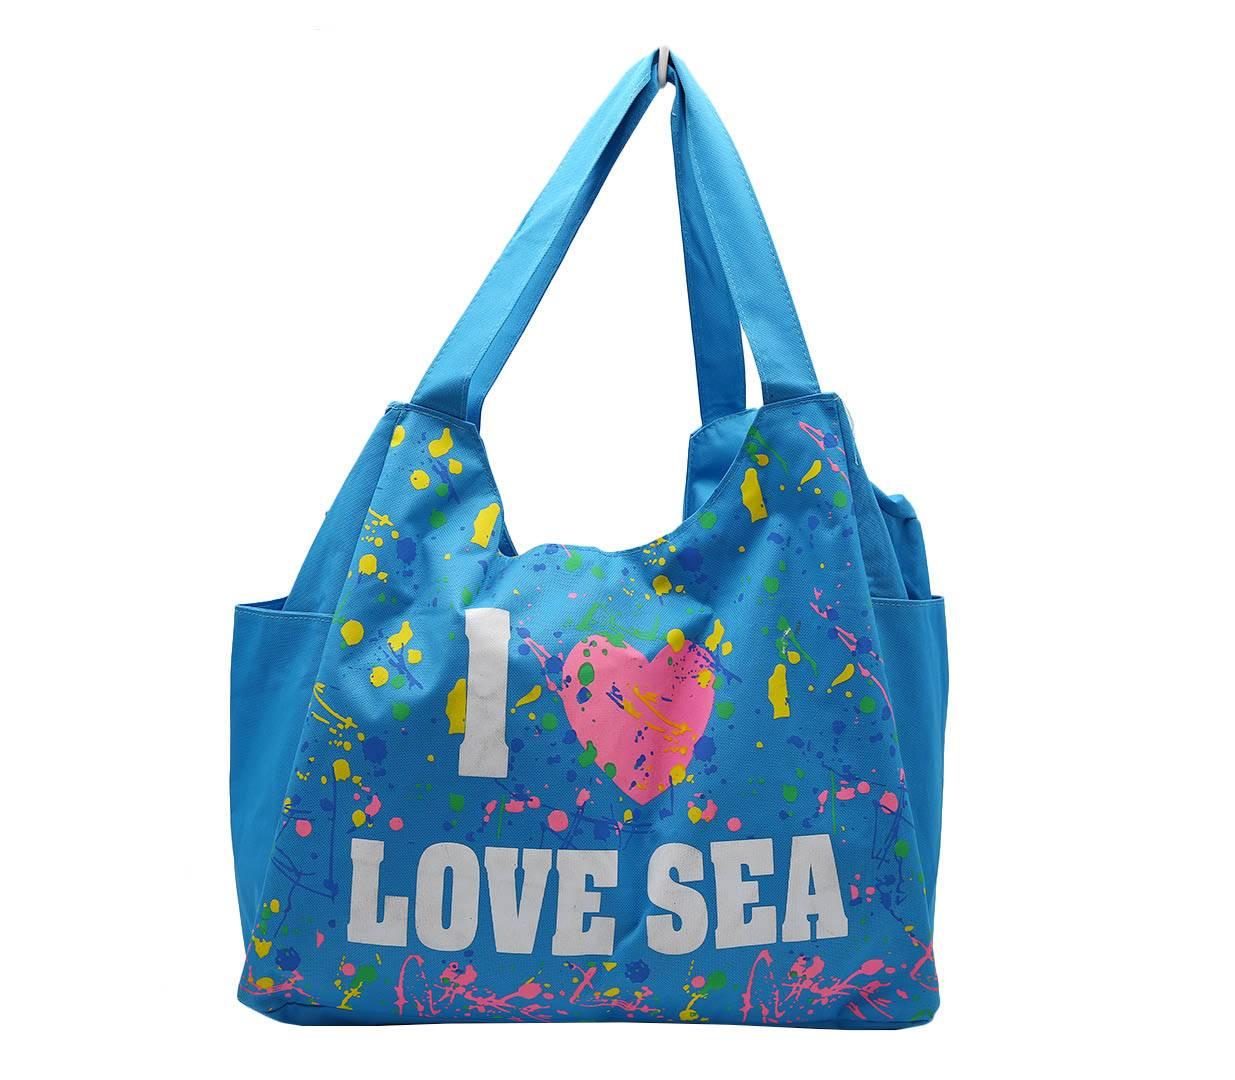 dfc64aa03fa2 Пляжная сумка I Love Sea. Главная  Сезонная продукция  Для моря  Разноцветные  летние ...